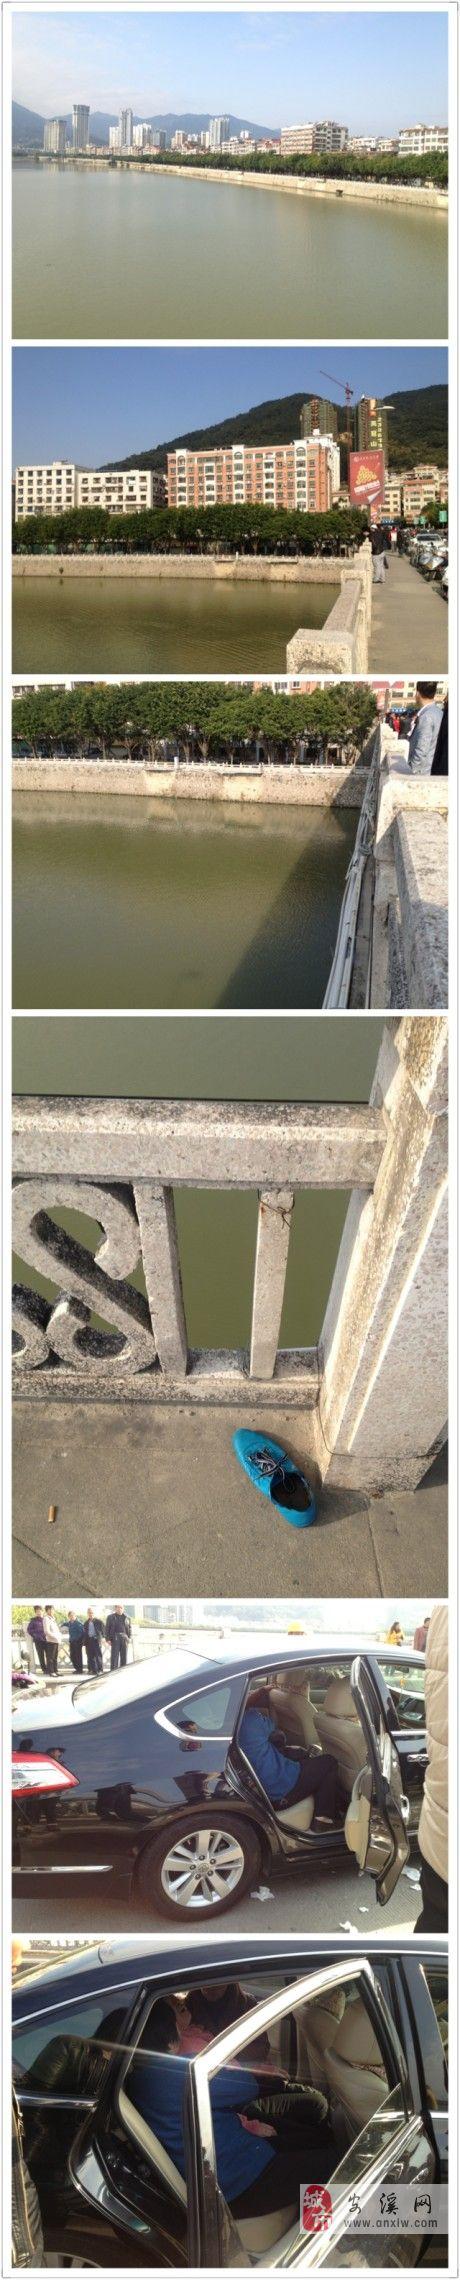 安溪县凤城镇颖如大桥一男子跳河自杀